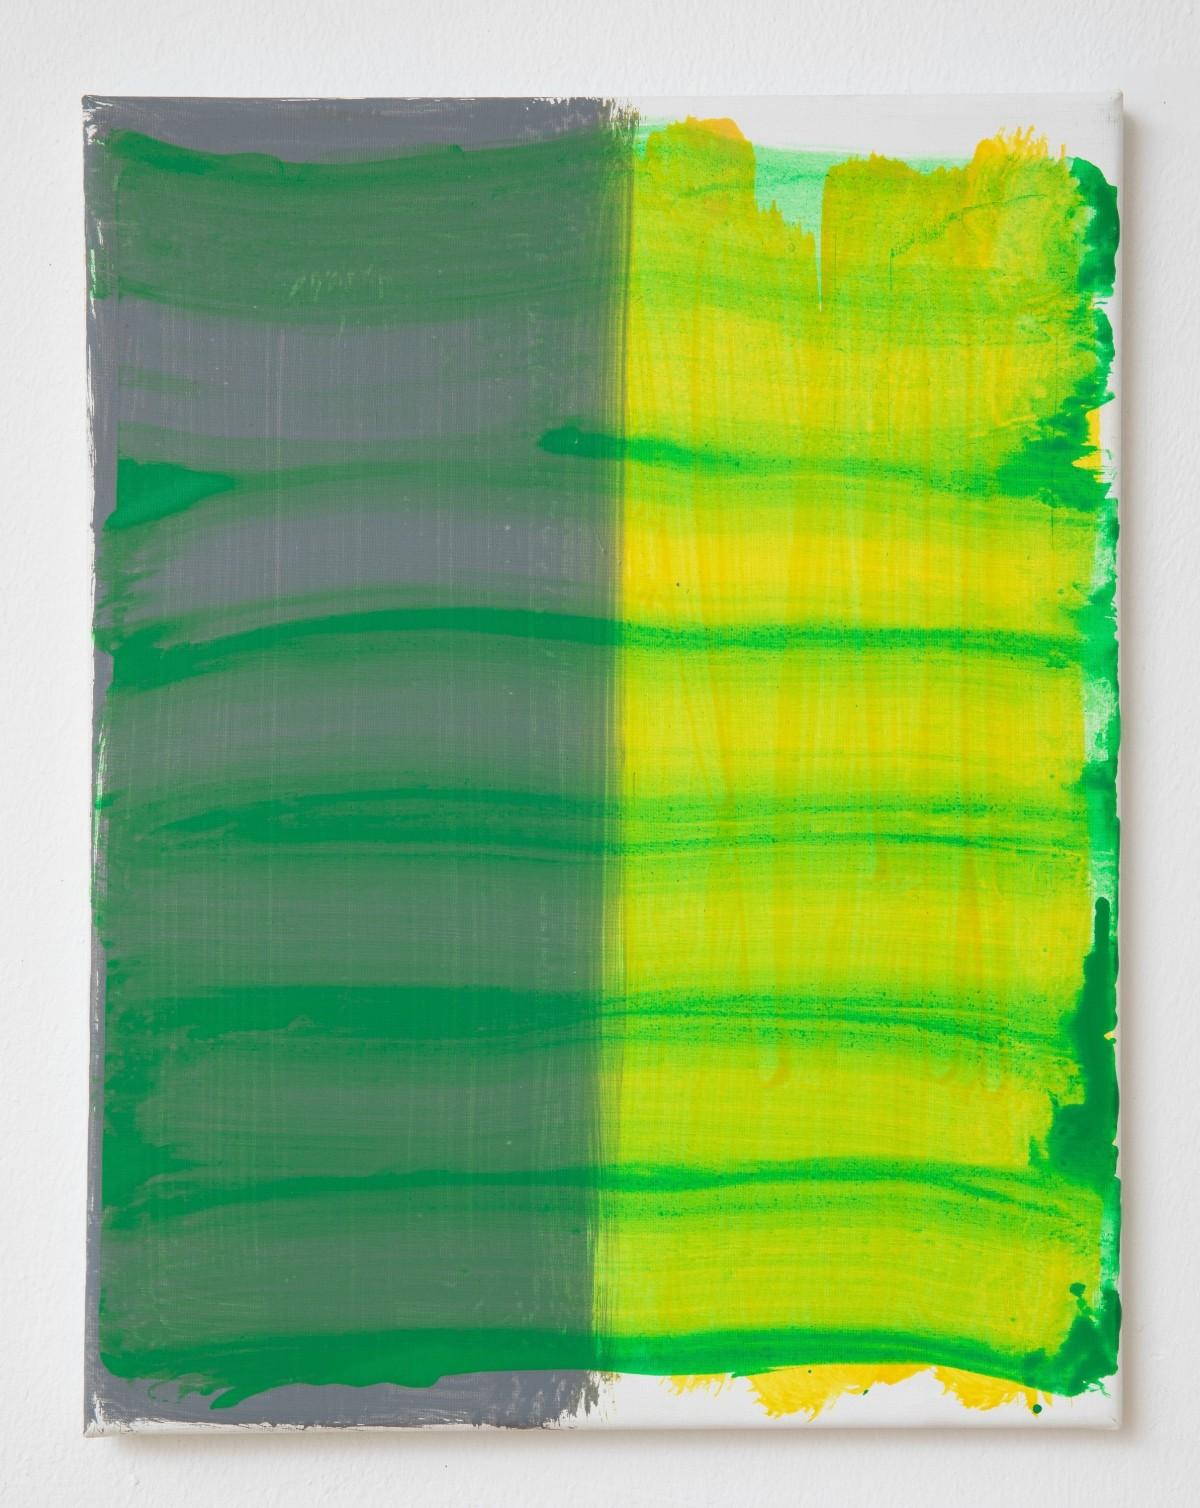 Diese Lein-wand wurde vom Künstler mit Acrylfarbe bemalt. Die verschiedenen Farben wurden unter-schiedlich aufgetragen.